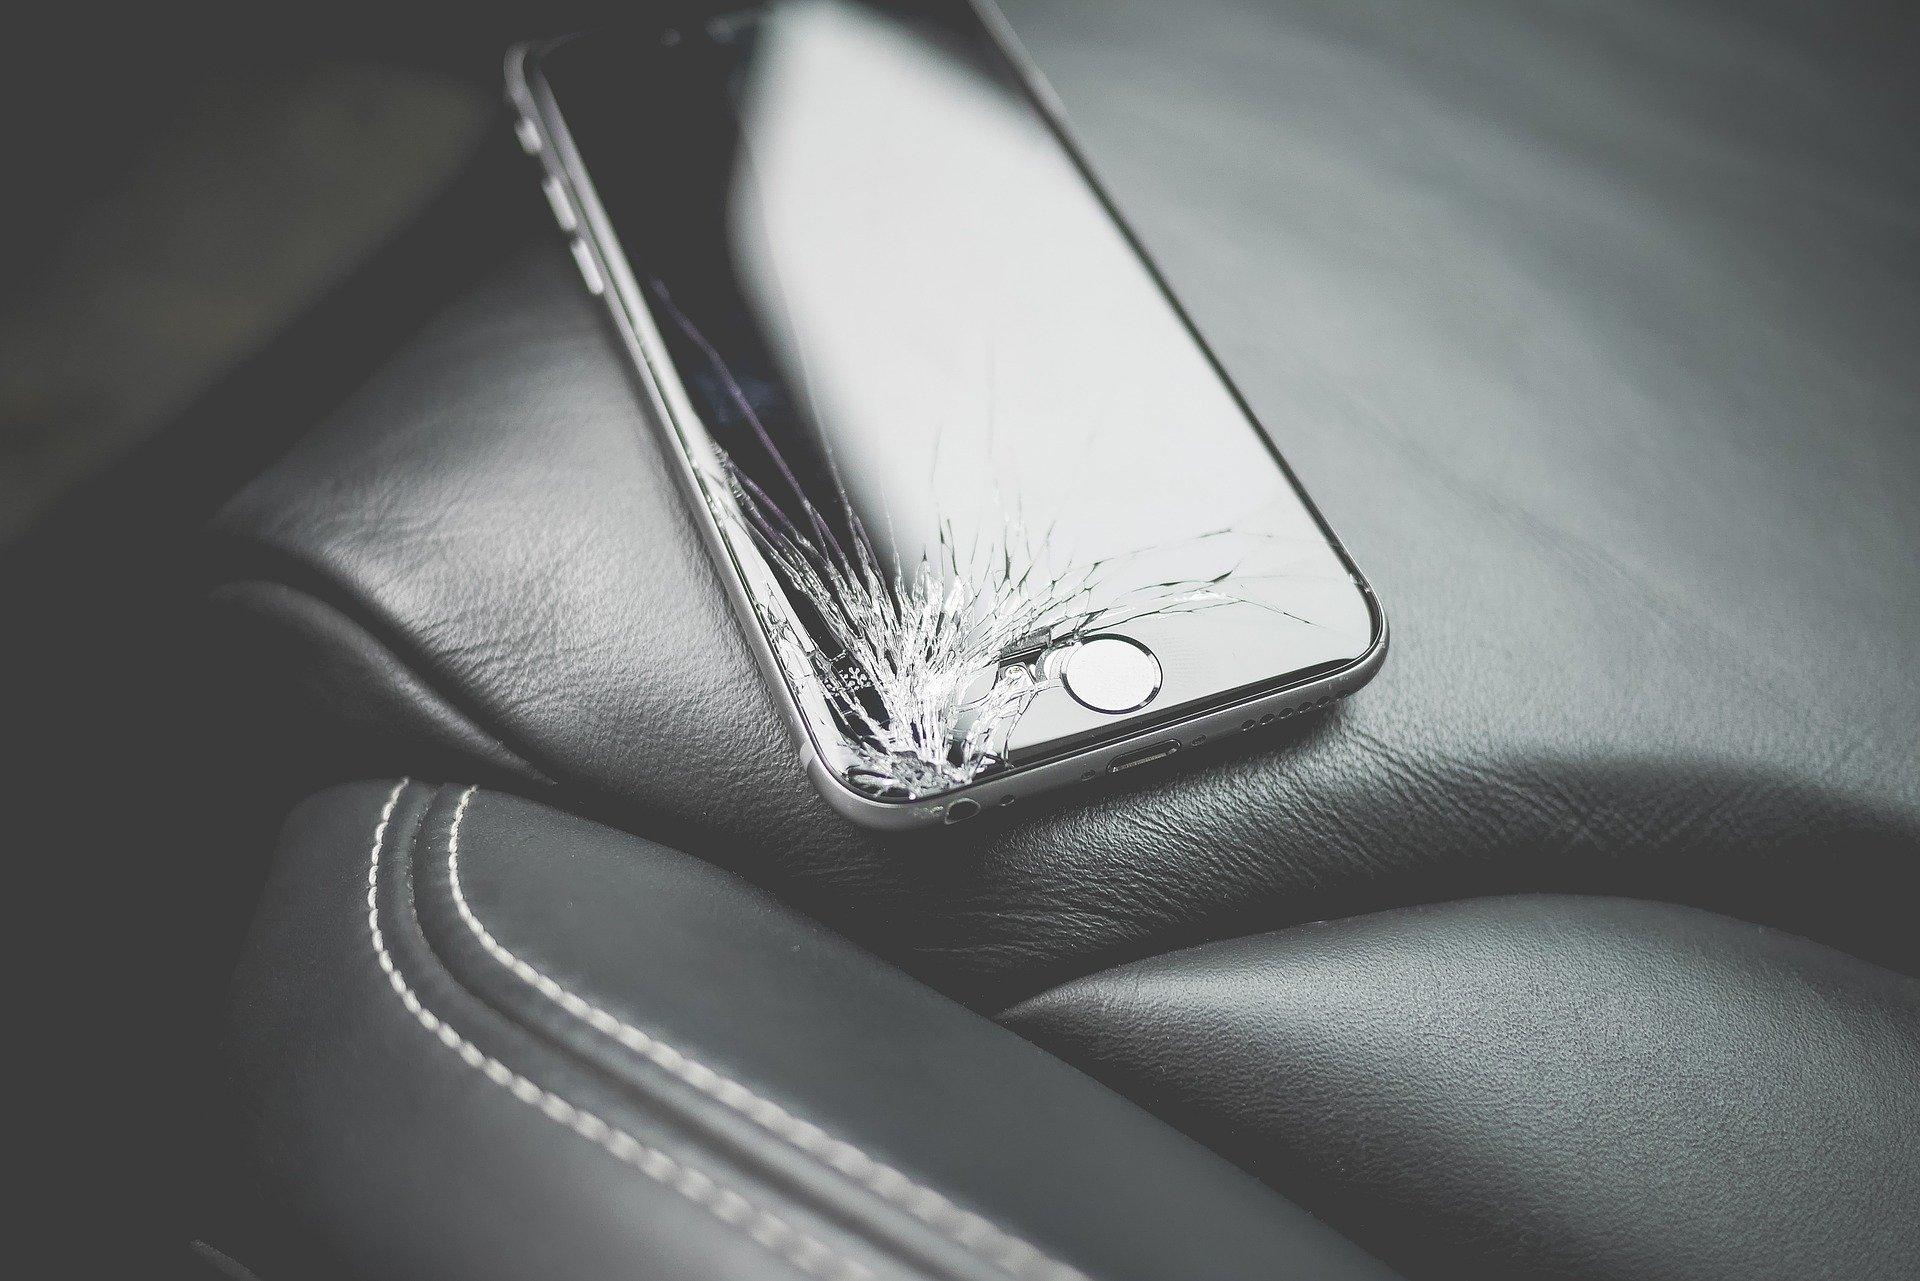 Miliony iPhone'ów z luką w systemie – nie można jej załatać i umożliwia jailbreak